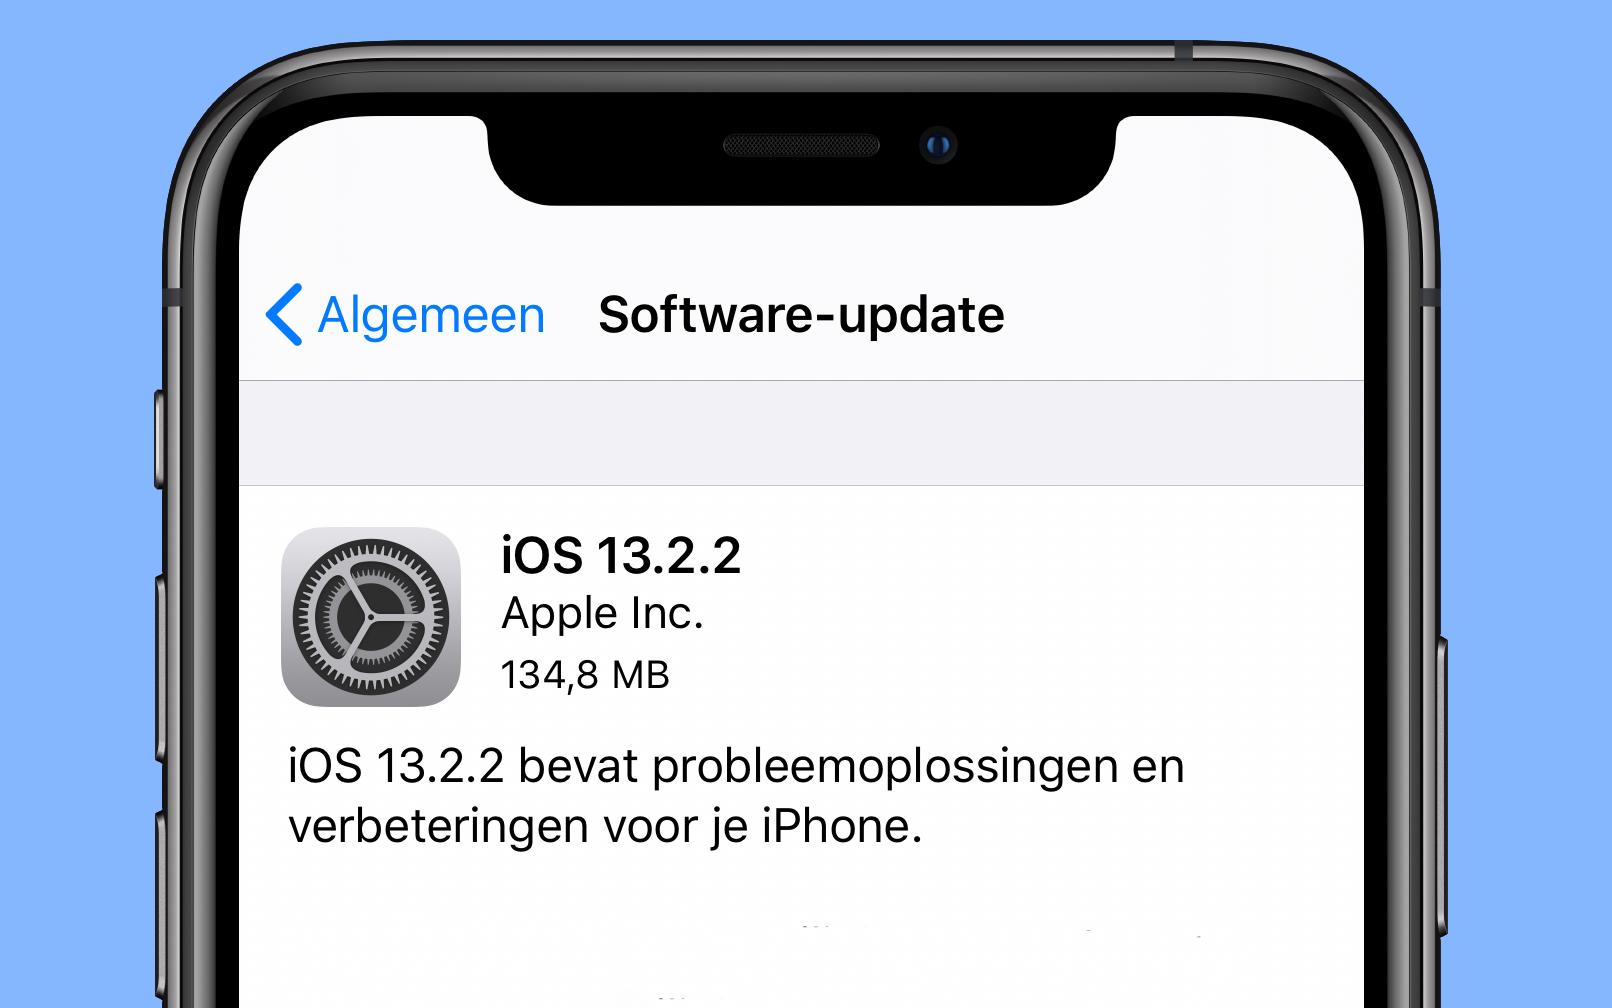 iOS 13.2.2 update 16x9